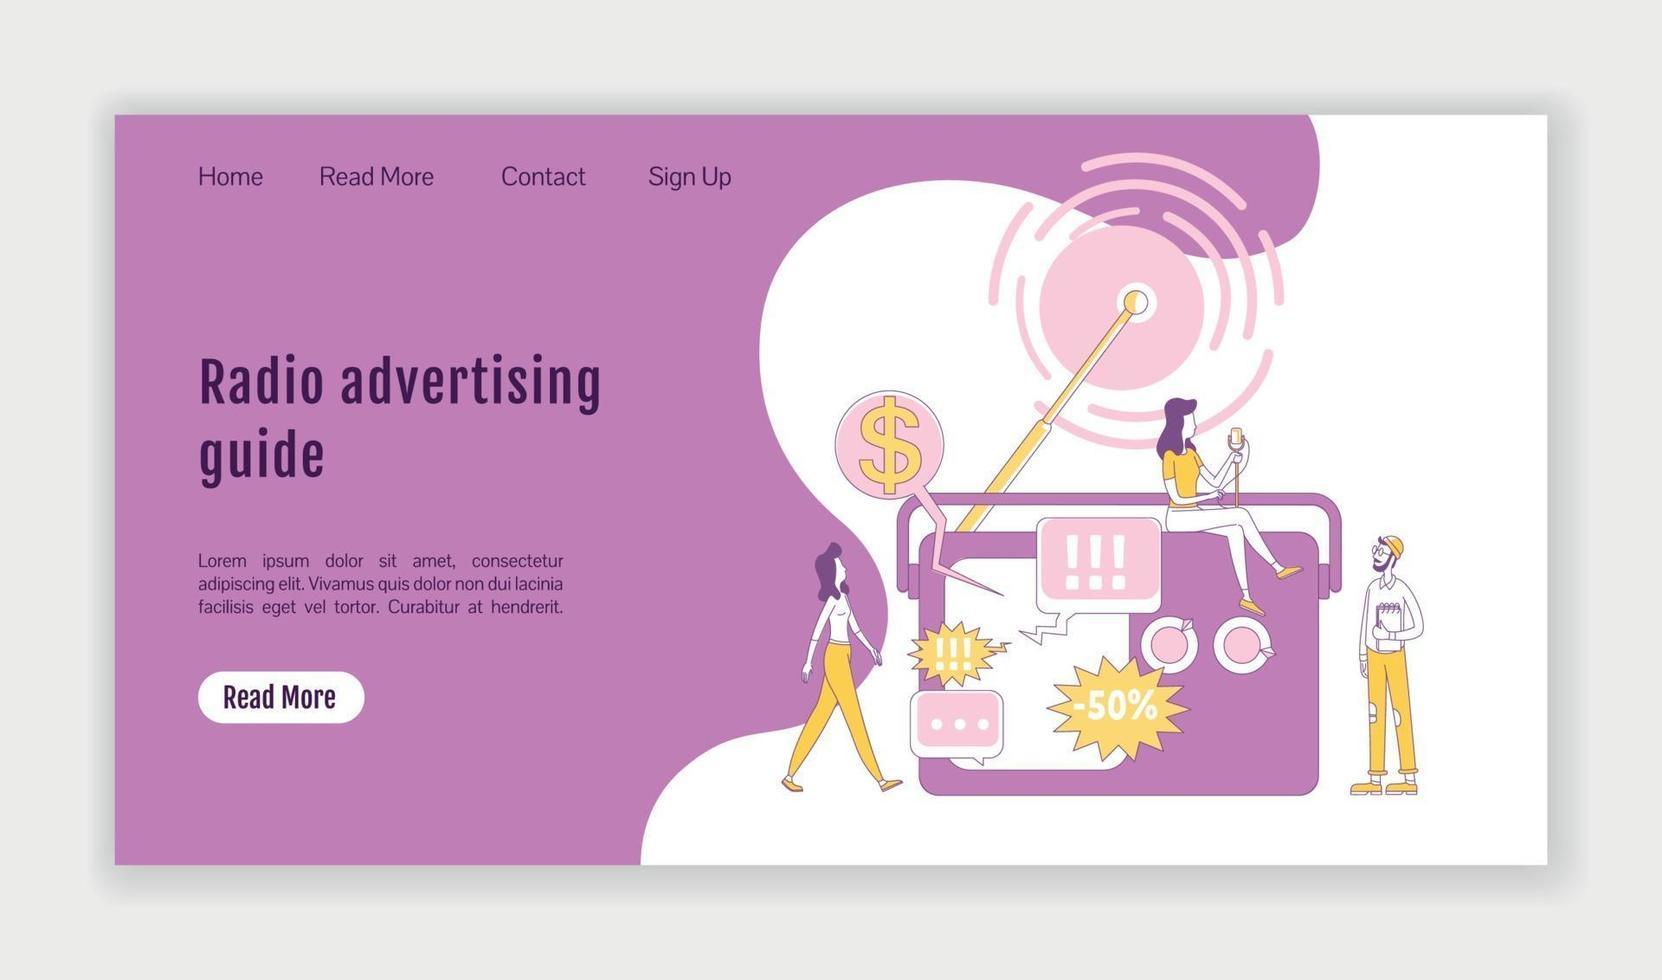 radio reklam guide målsida platt silhuett vektor mall. marknadsföringsteknik hemsidans layout. sänder en sida webbplats gränssnitt med tecknad disposition karaktär. webbbanner, webbsida